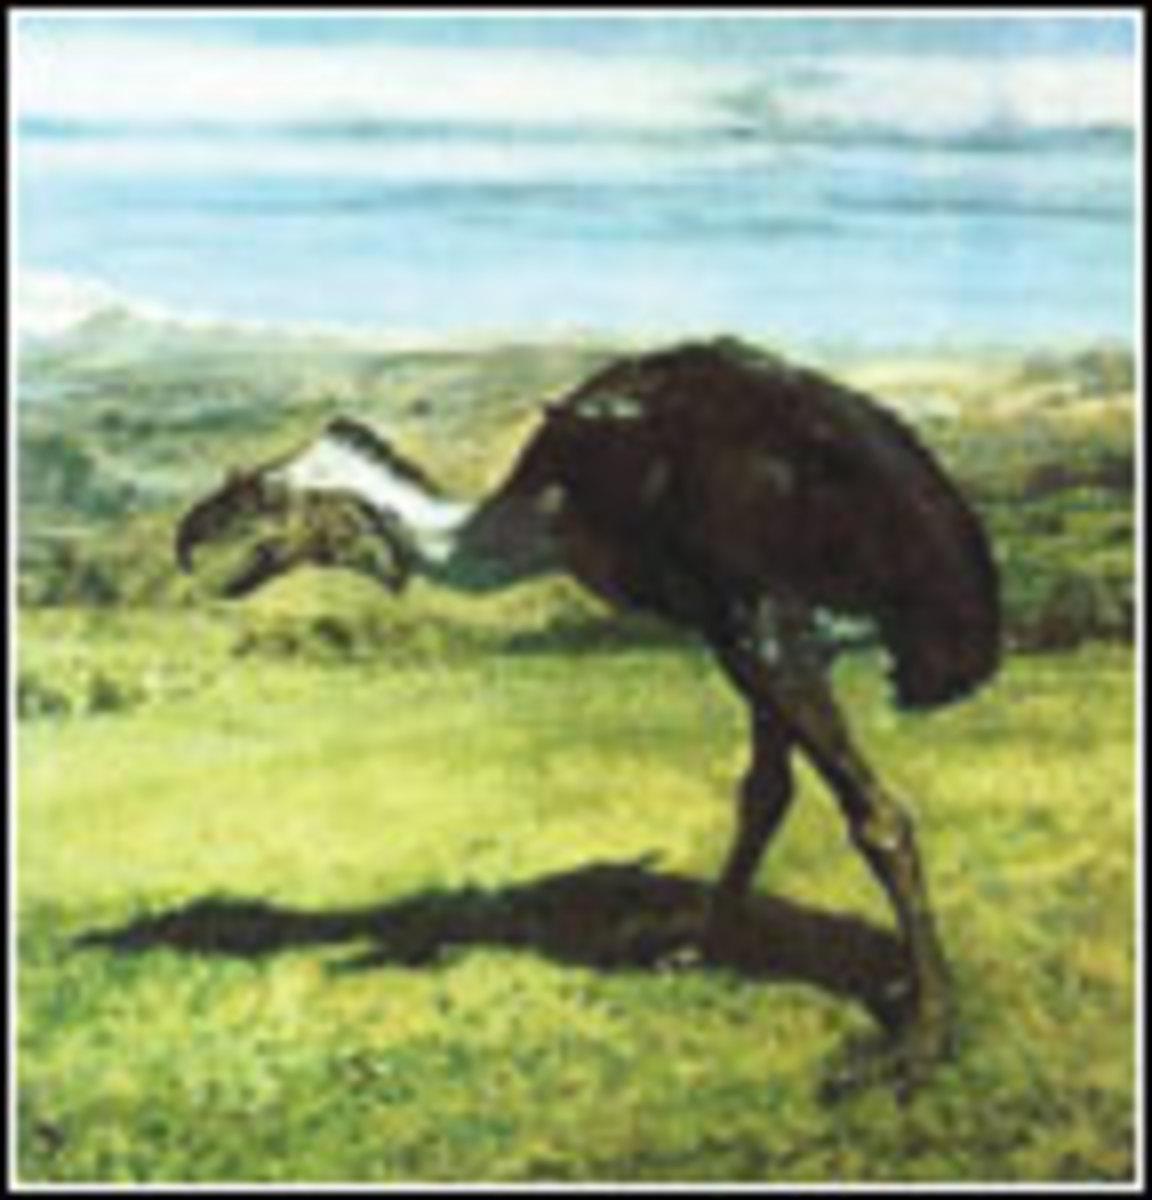 ...птицы Южной Америки форораки, жившие с олигоцена до